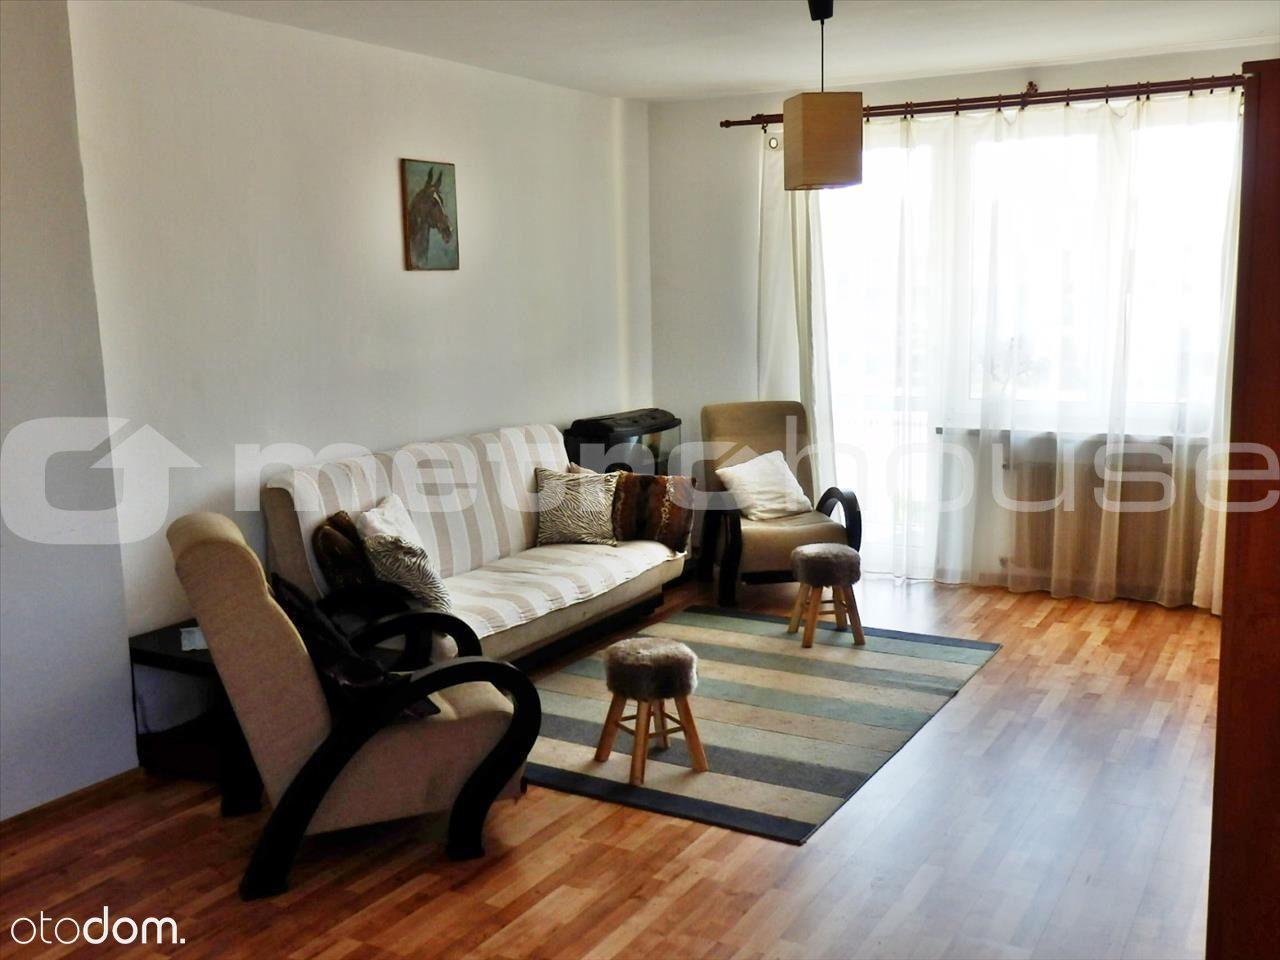 Dom na sprzedaż, Iwanowice Dworskie, krakowski, małopolskie - Foto 4